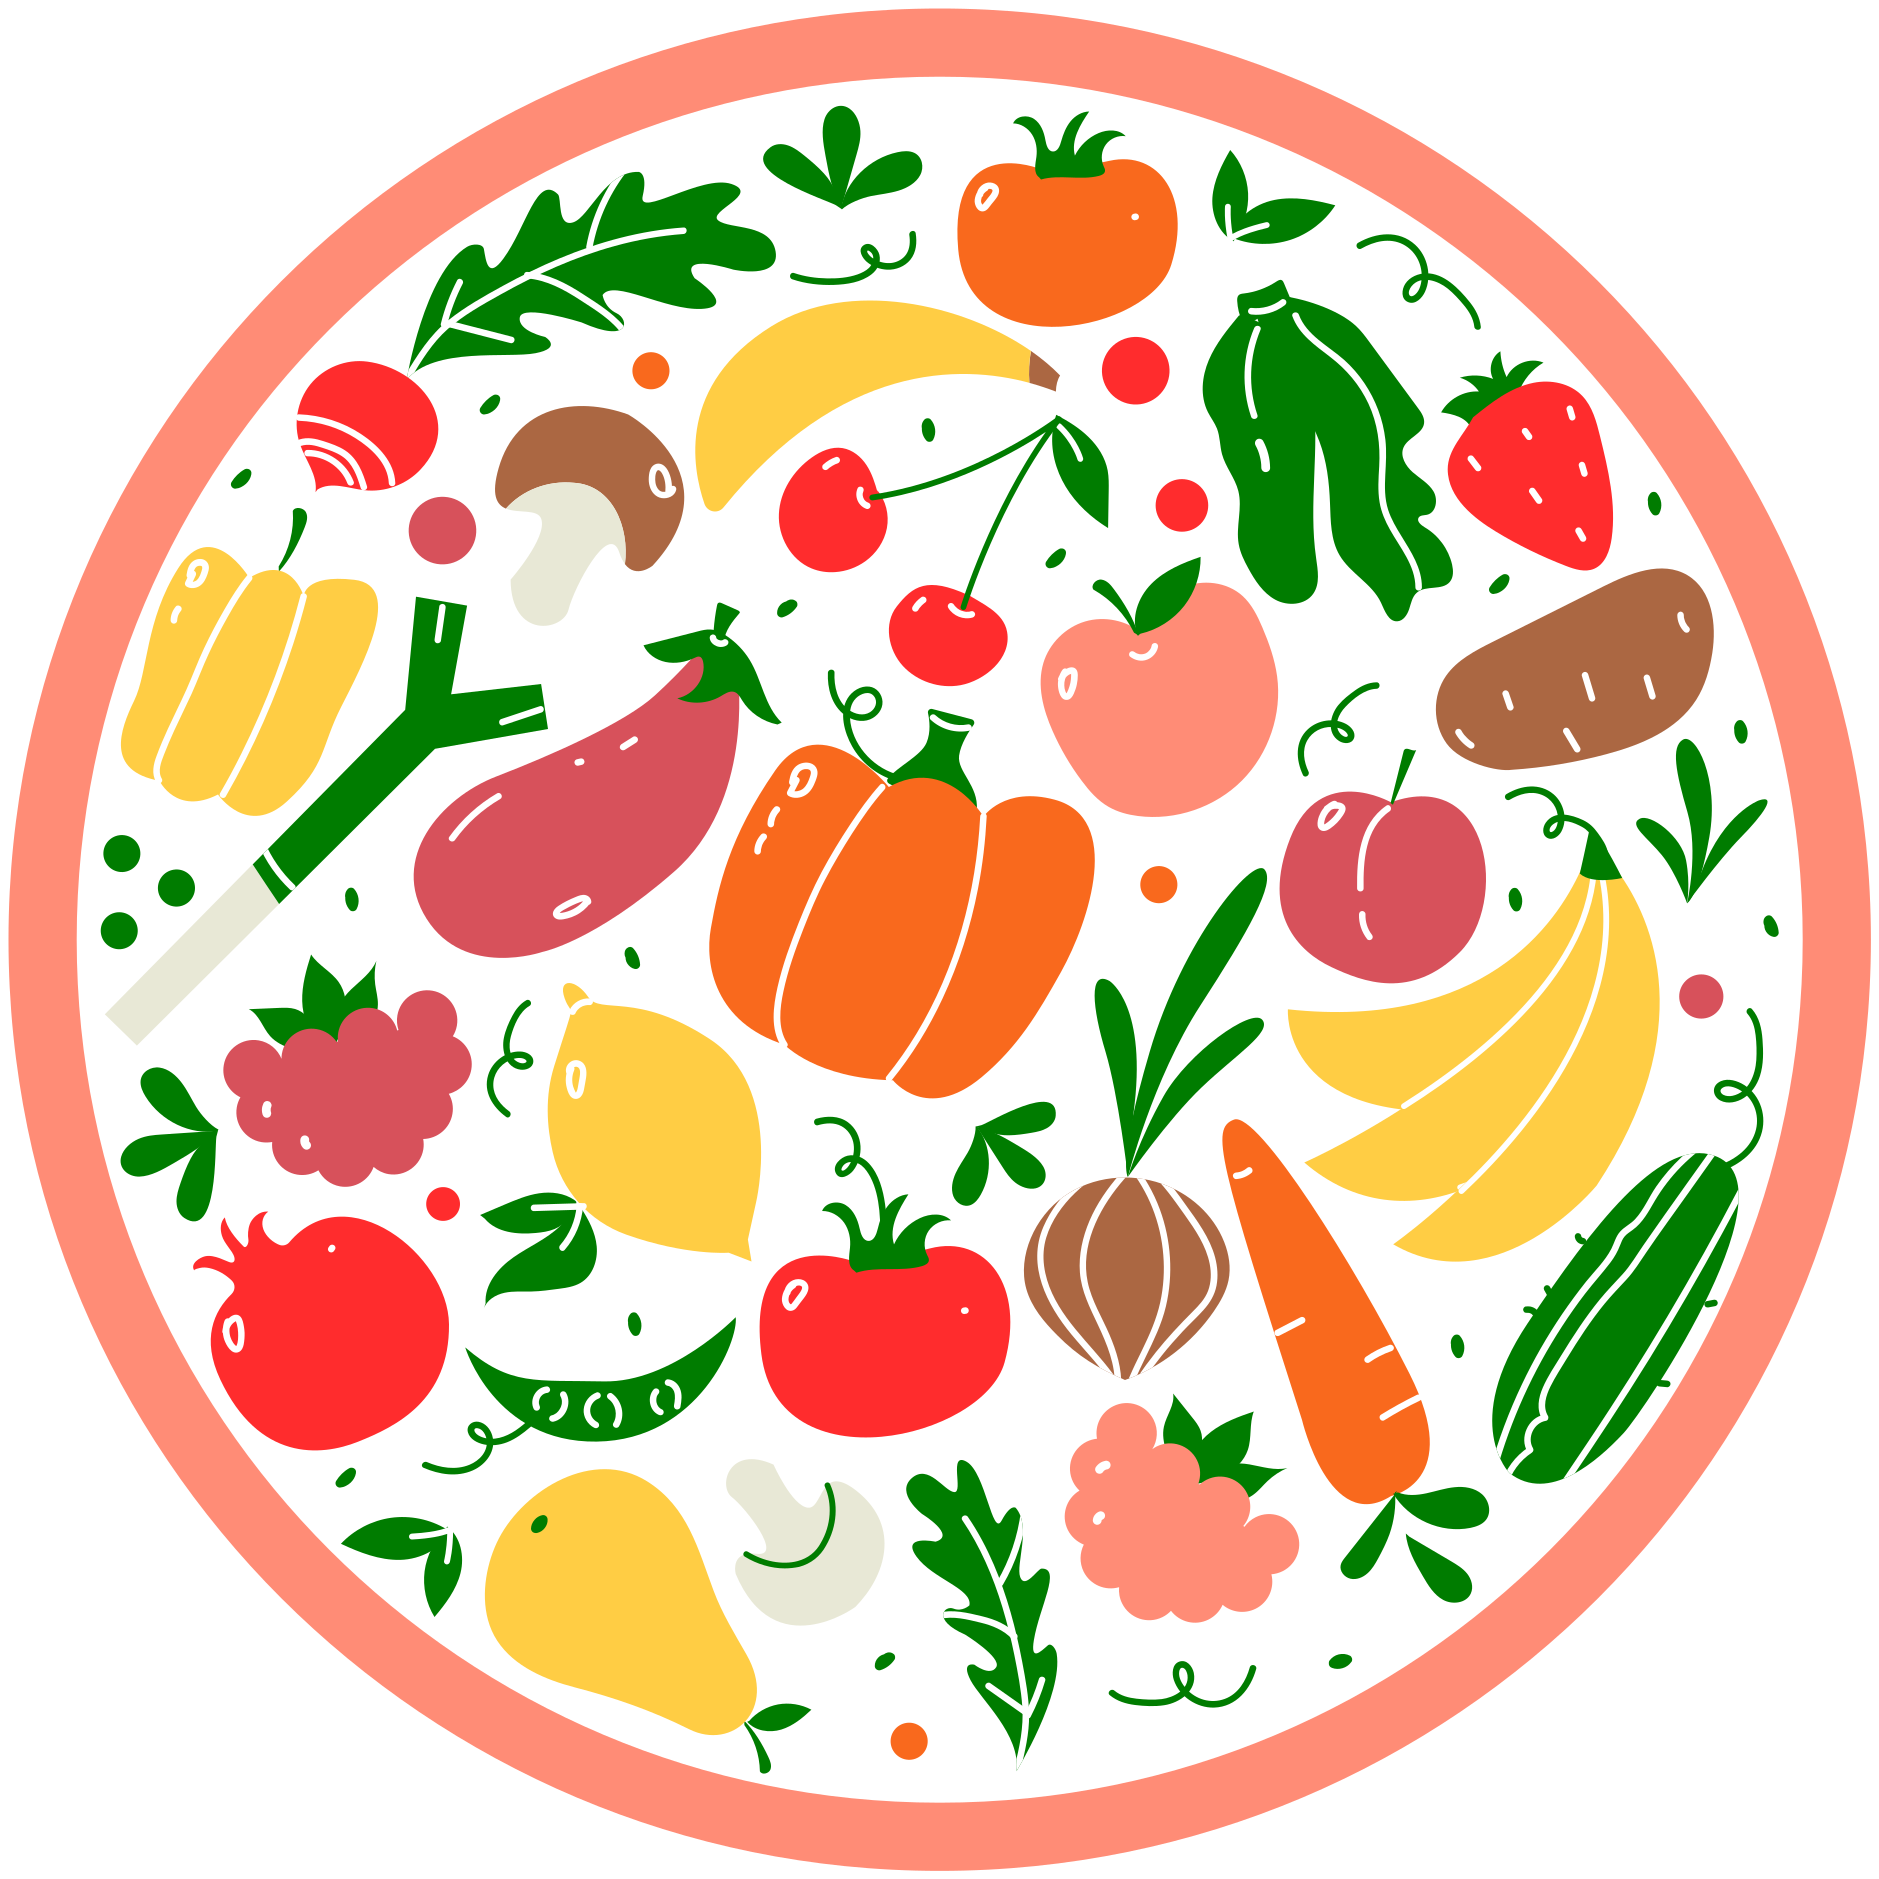 TenStickers. Naadloze groenten patroon keuken vloeren. Naadloze groente patroon vinyl tapijt voor zowel keuken- als eetruimte-decoratie. Op het tapijt staan verschillende soorten fruit.